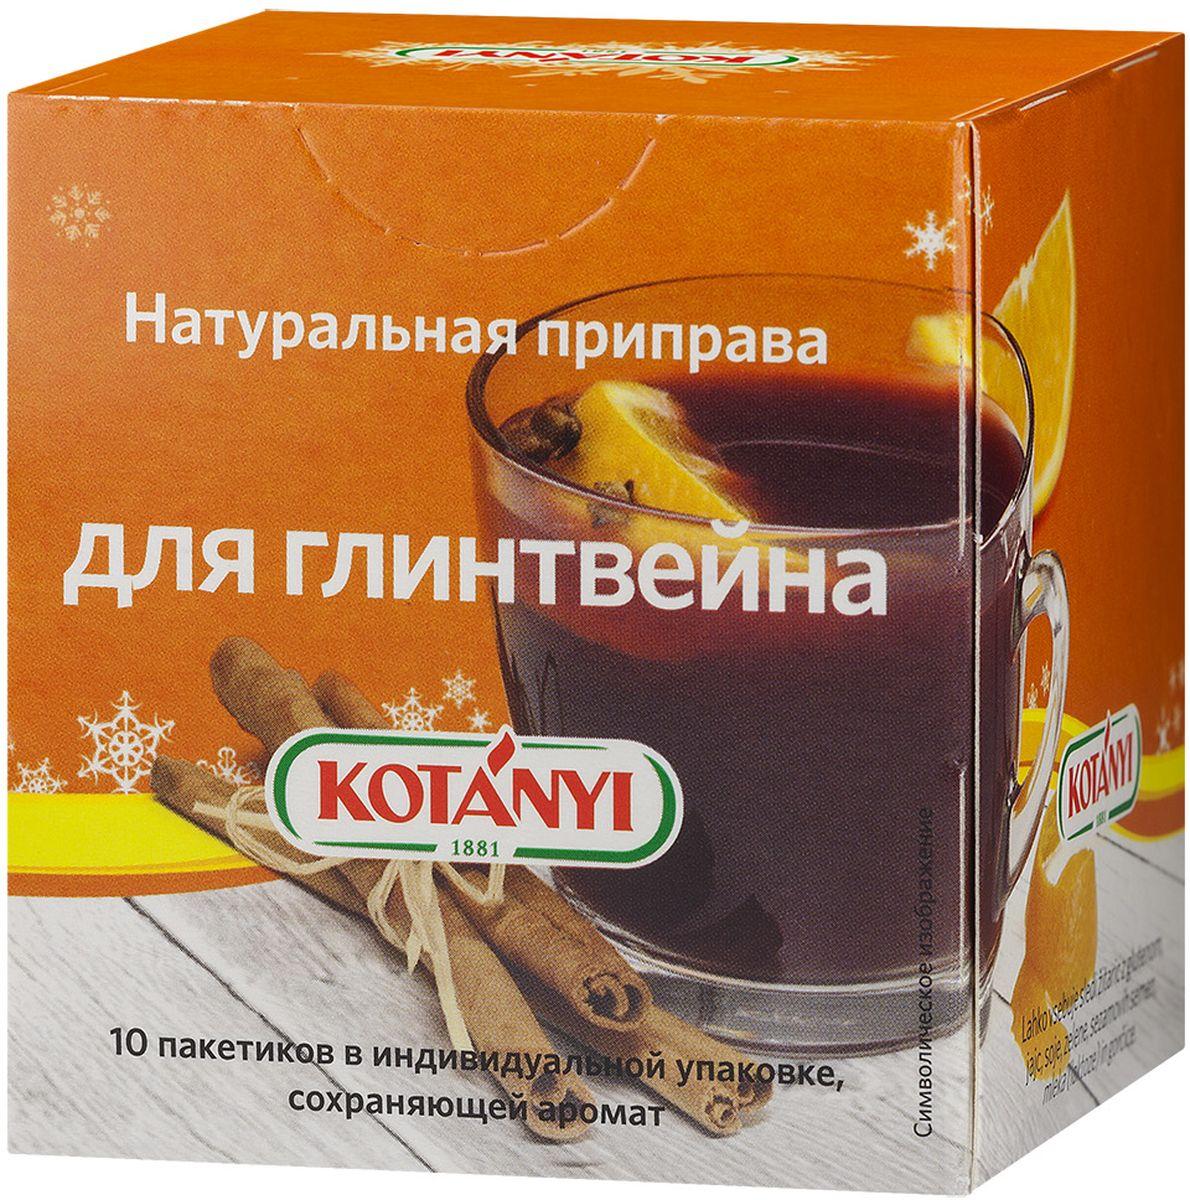 Kotanyi натуральная приправа для глинтвейна, 10 пакетиков по 15 г0120710Ароматная корица и гвоздика в сочетании с фруктовой ноткой яблок и шиповника - классические ингредиенты традиционного австрийского глинтвейна. Горячий глинтвейн Kotanyi с горьковато-сладкой апельсиновой цедрой, имбирем и ноткой ванили согреет вас зимними вечерами.